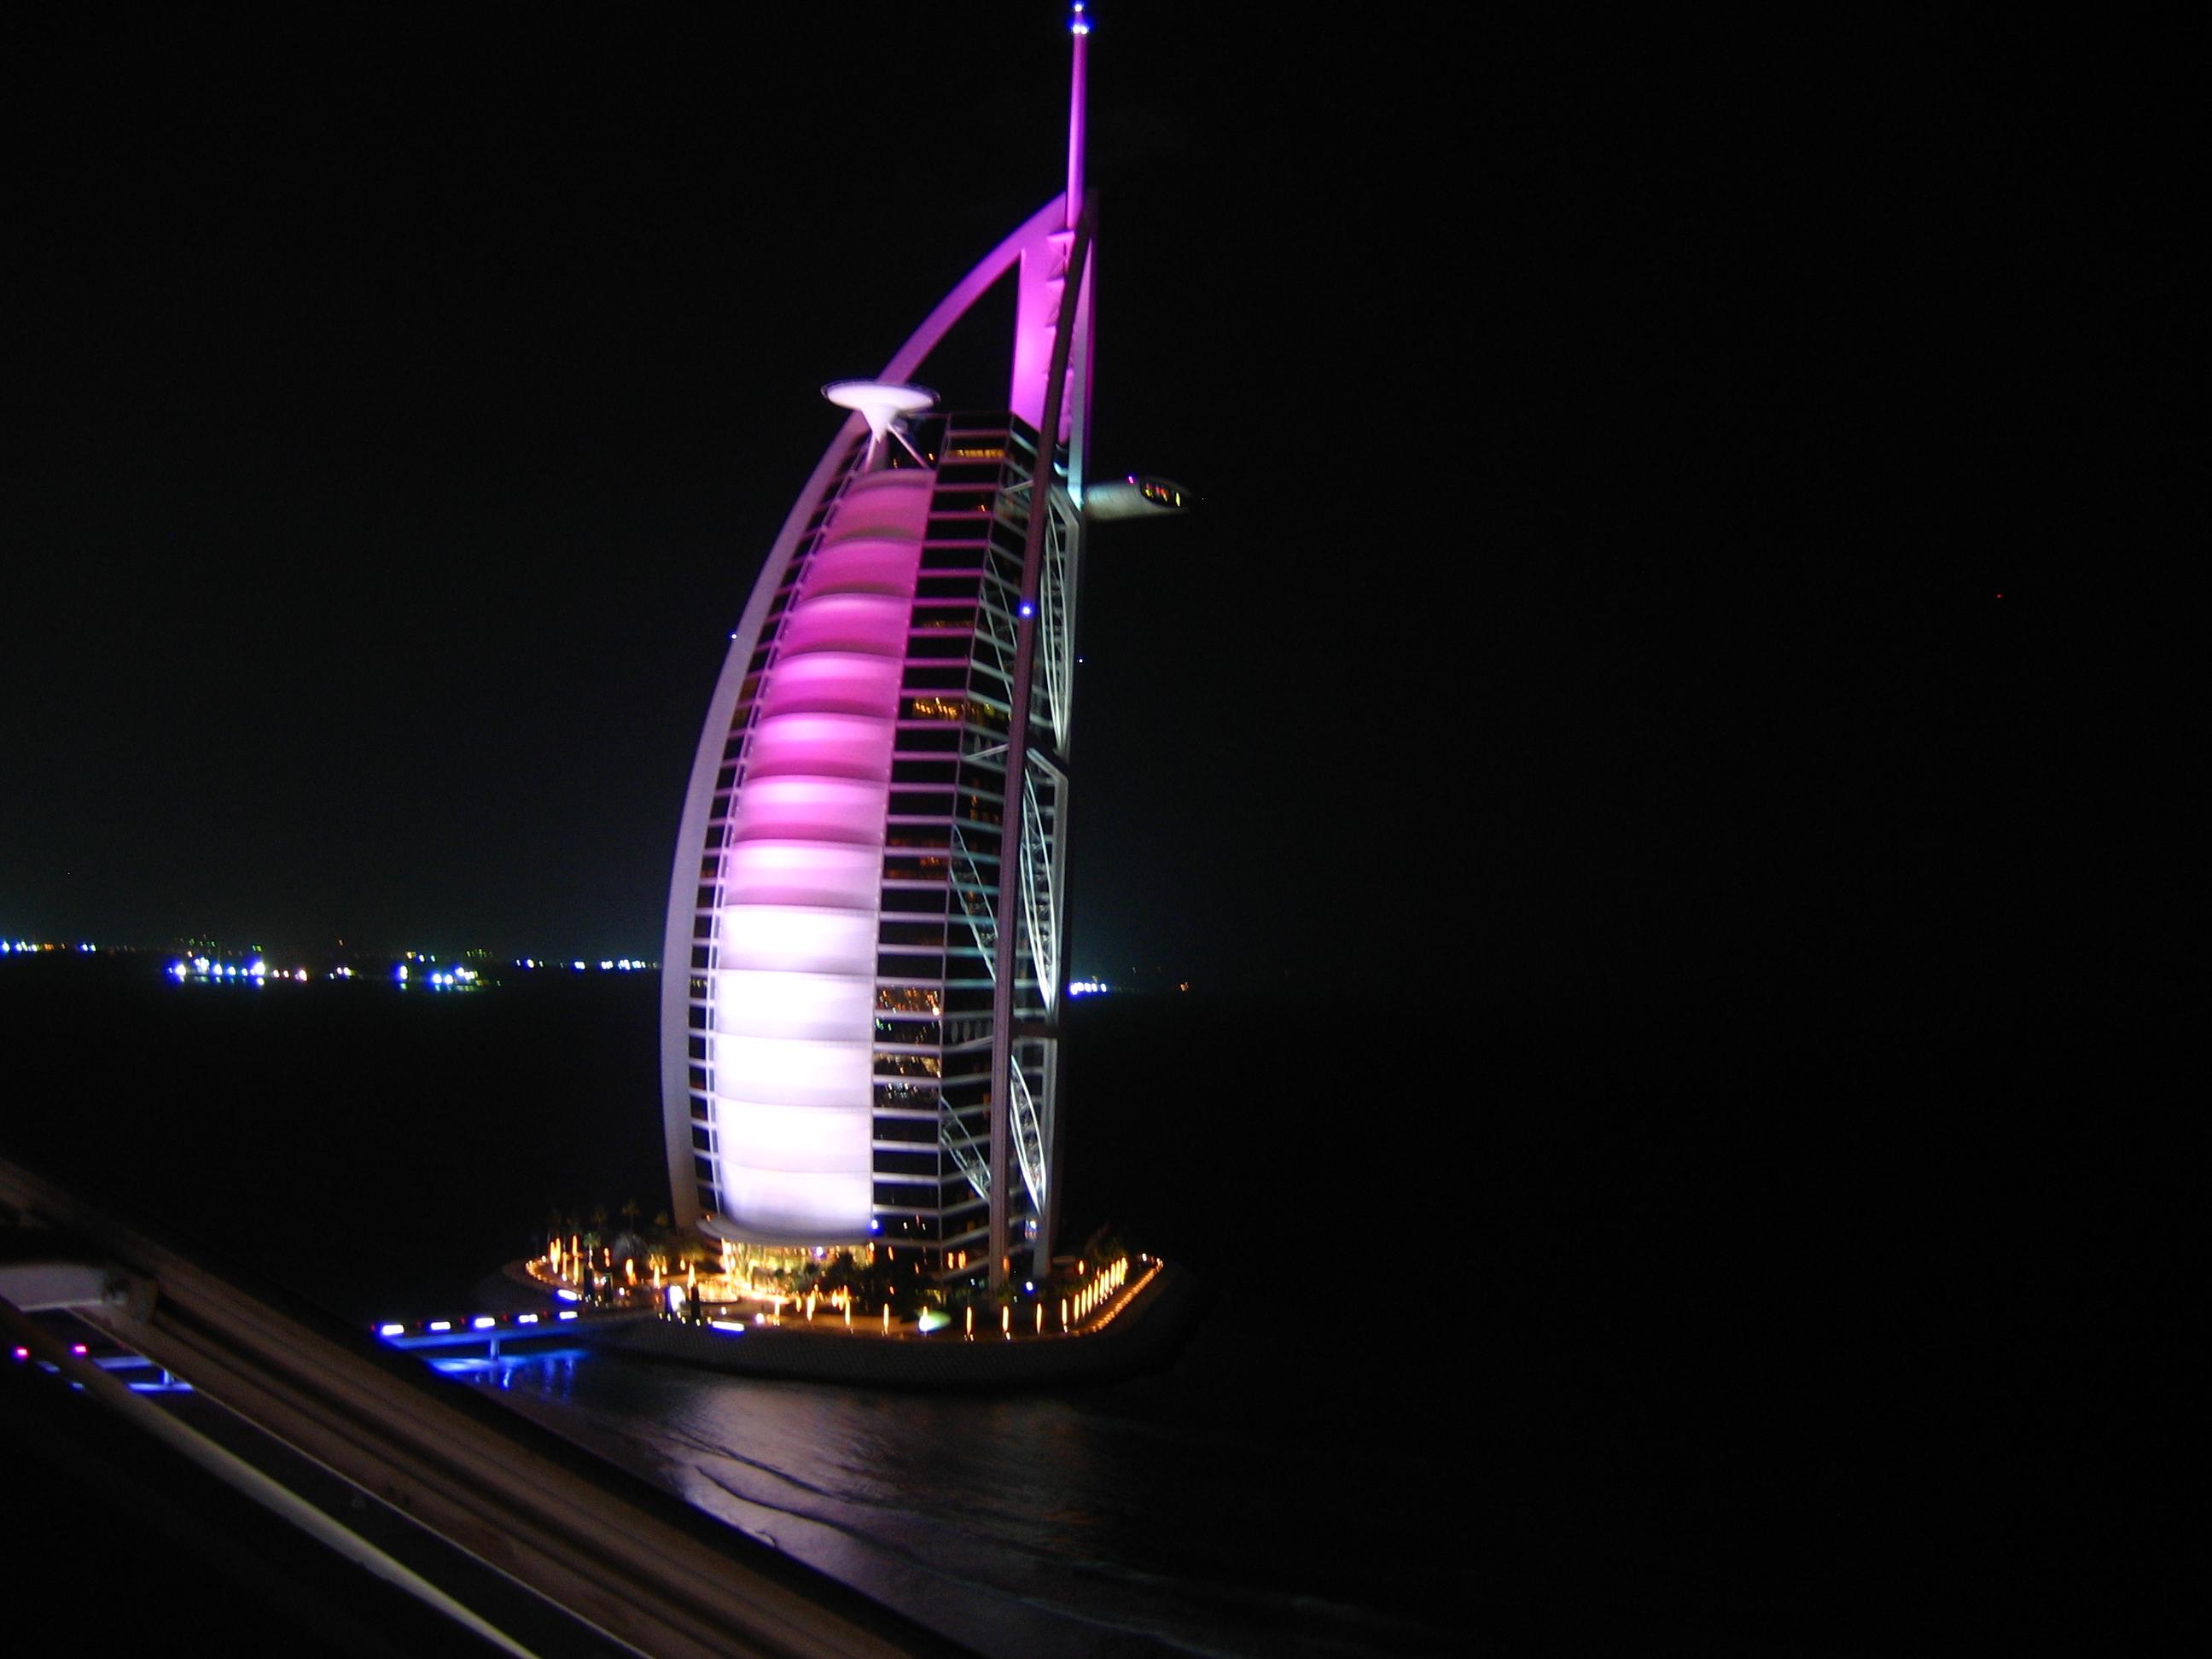 wallpaper downloads PC wallpaper Dubai 2592x1944